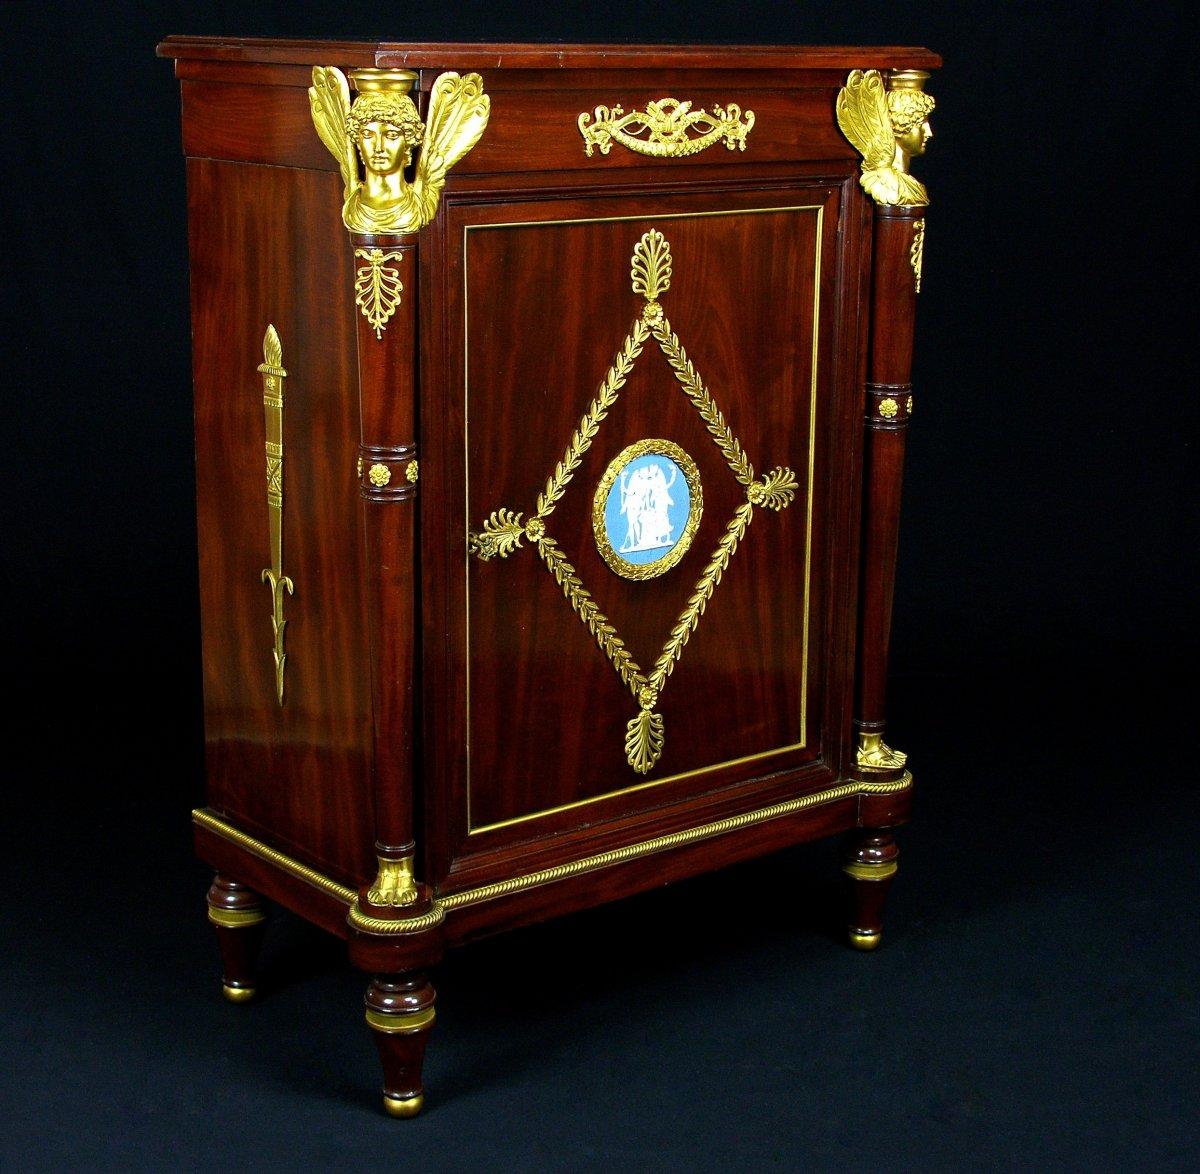 Meuble Cabinet En Bois D'acajou, France, Style Louis XVI, XIXe Siècle